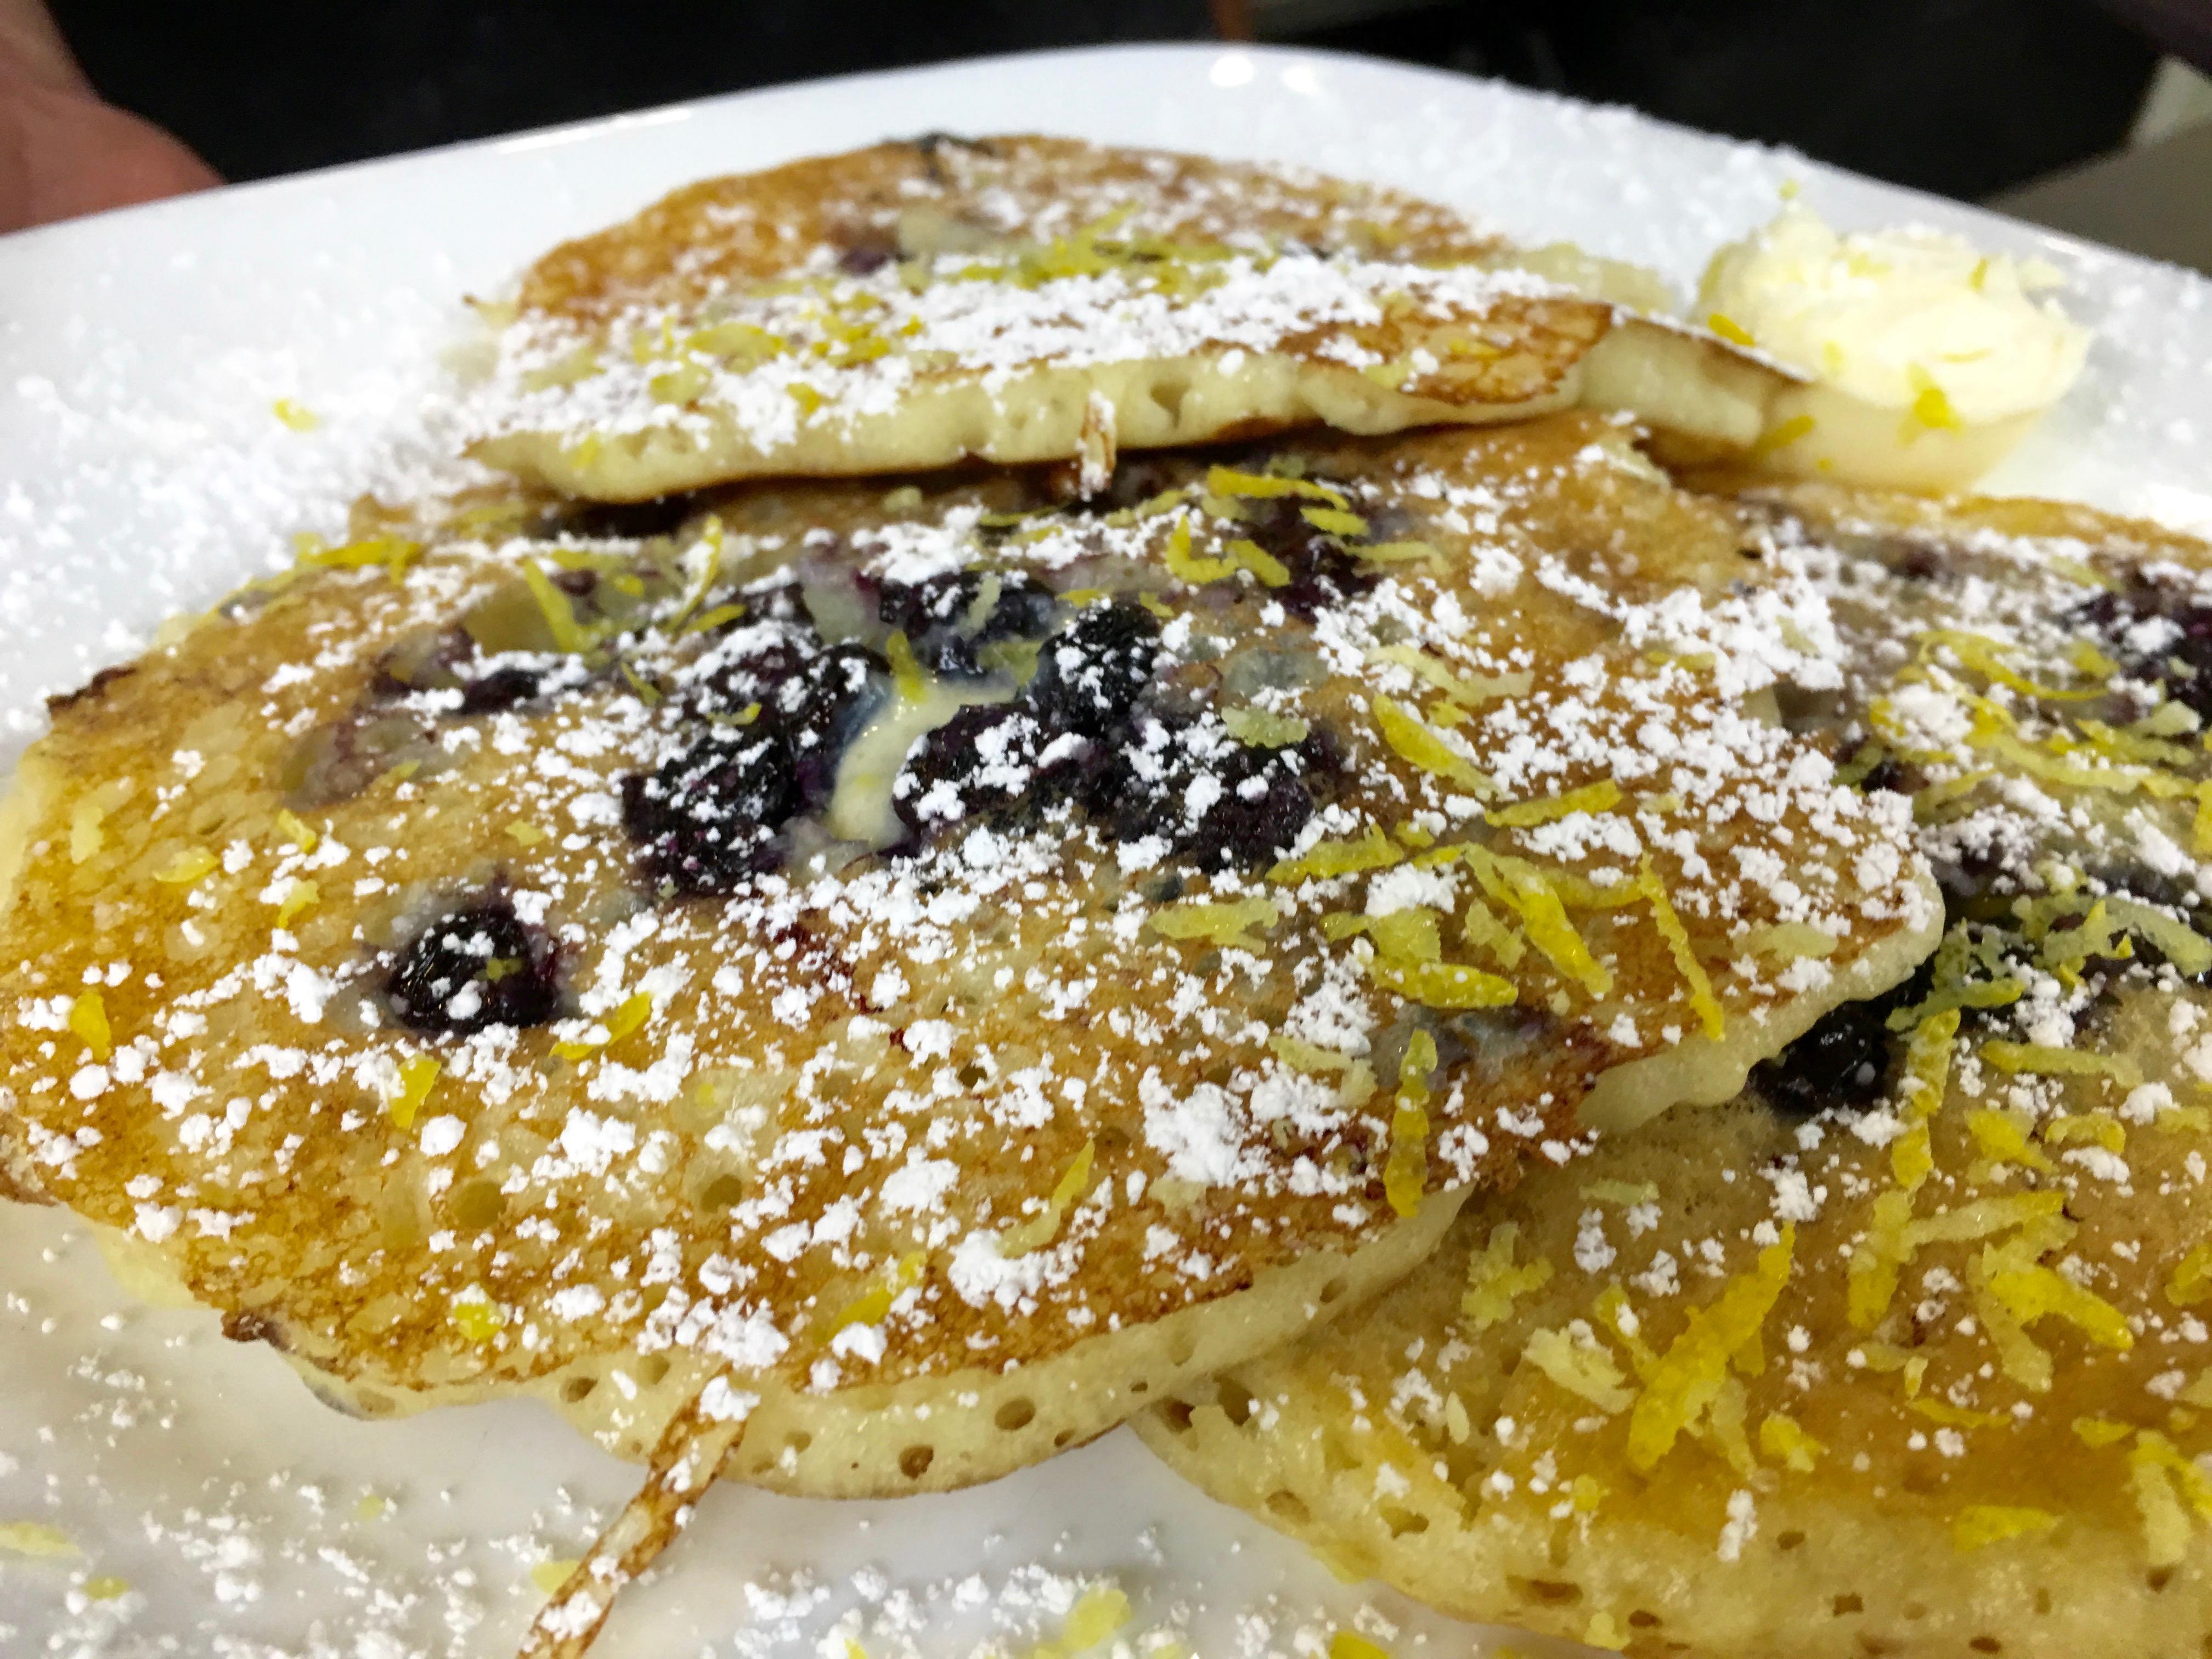 square-cafe-pancake-edit-2